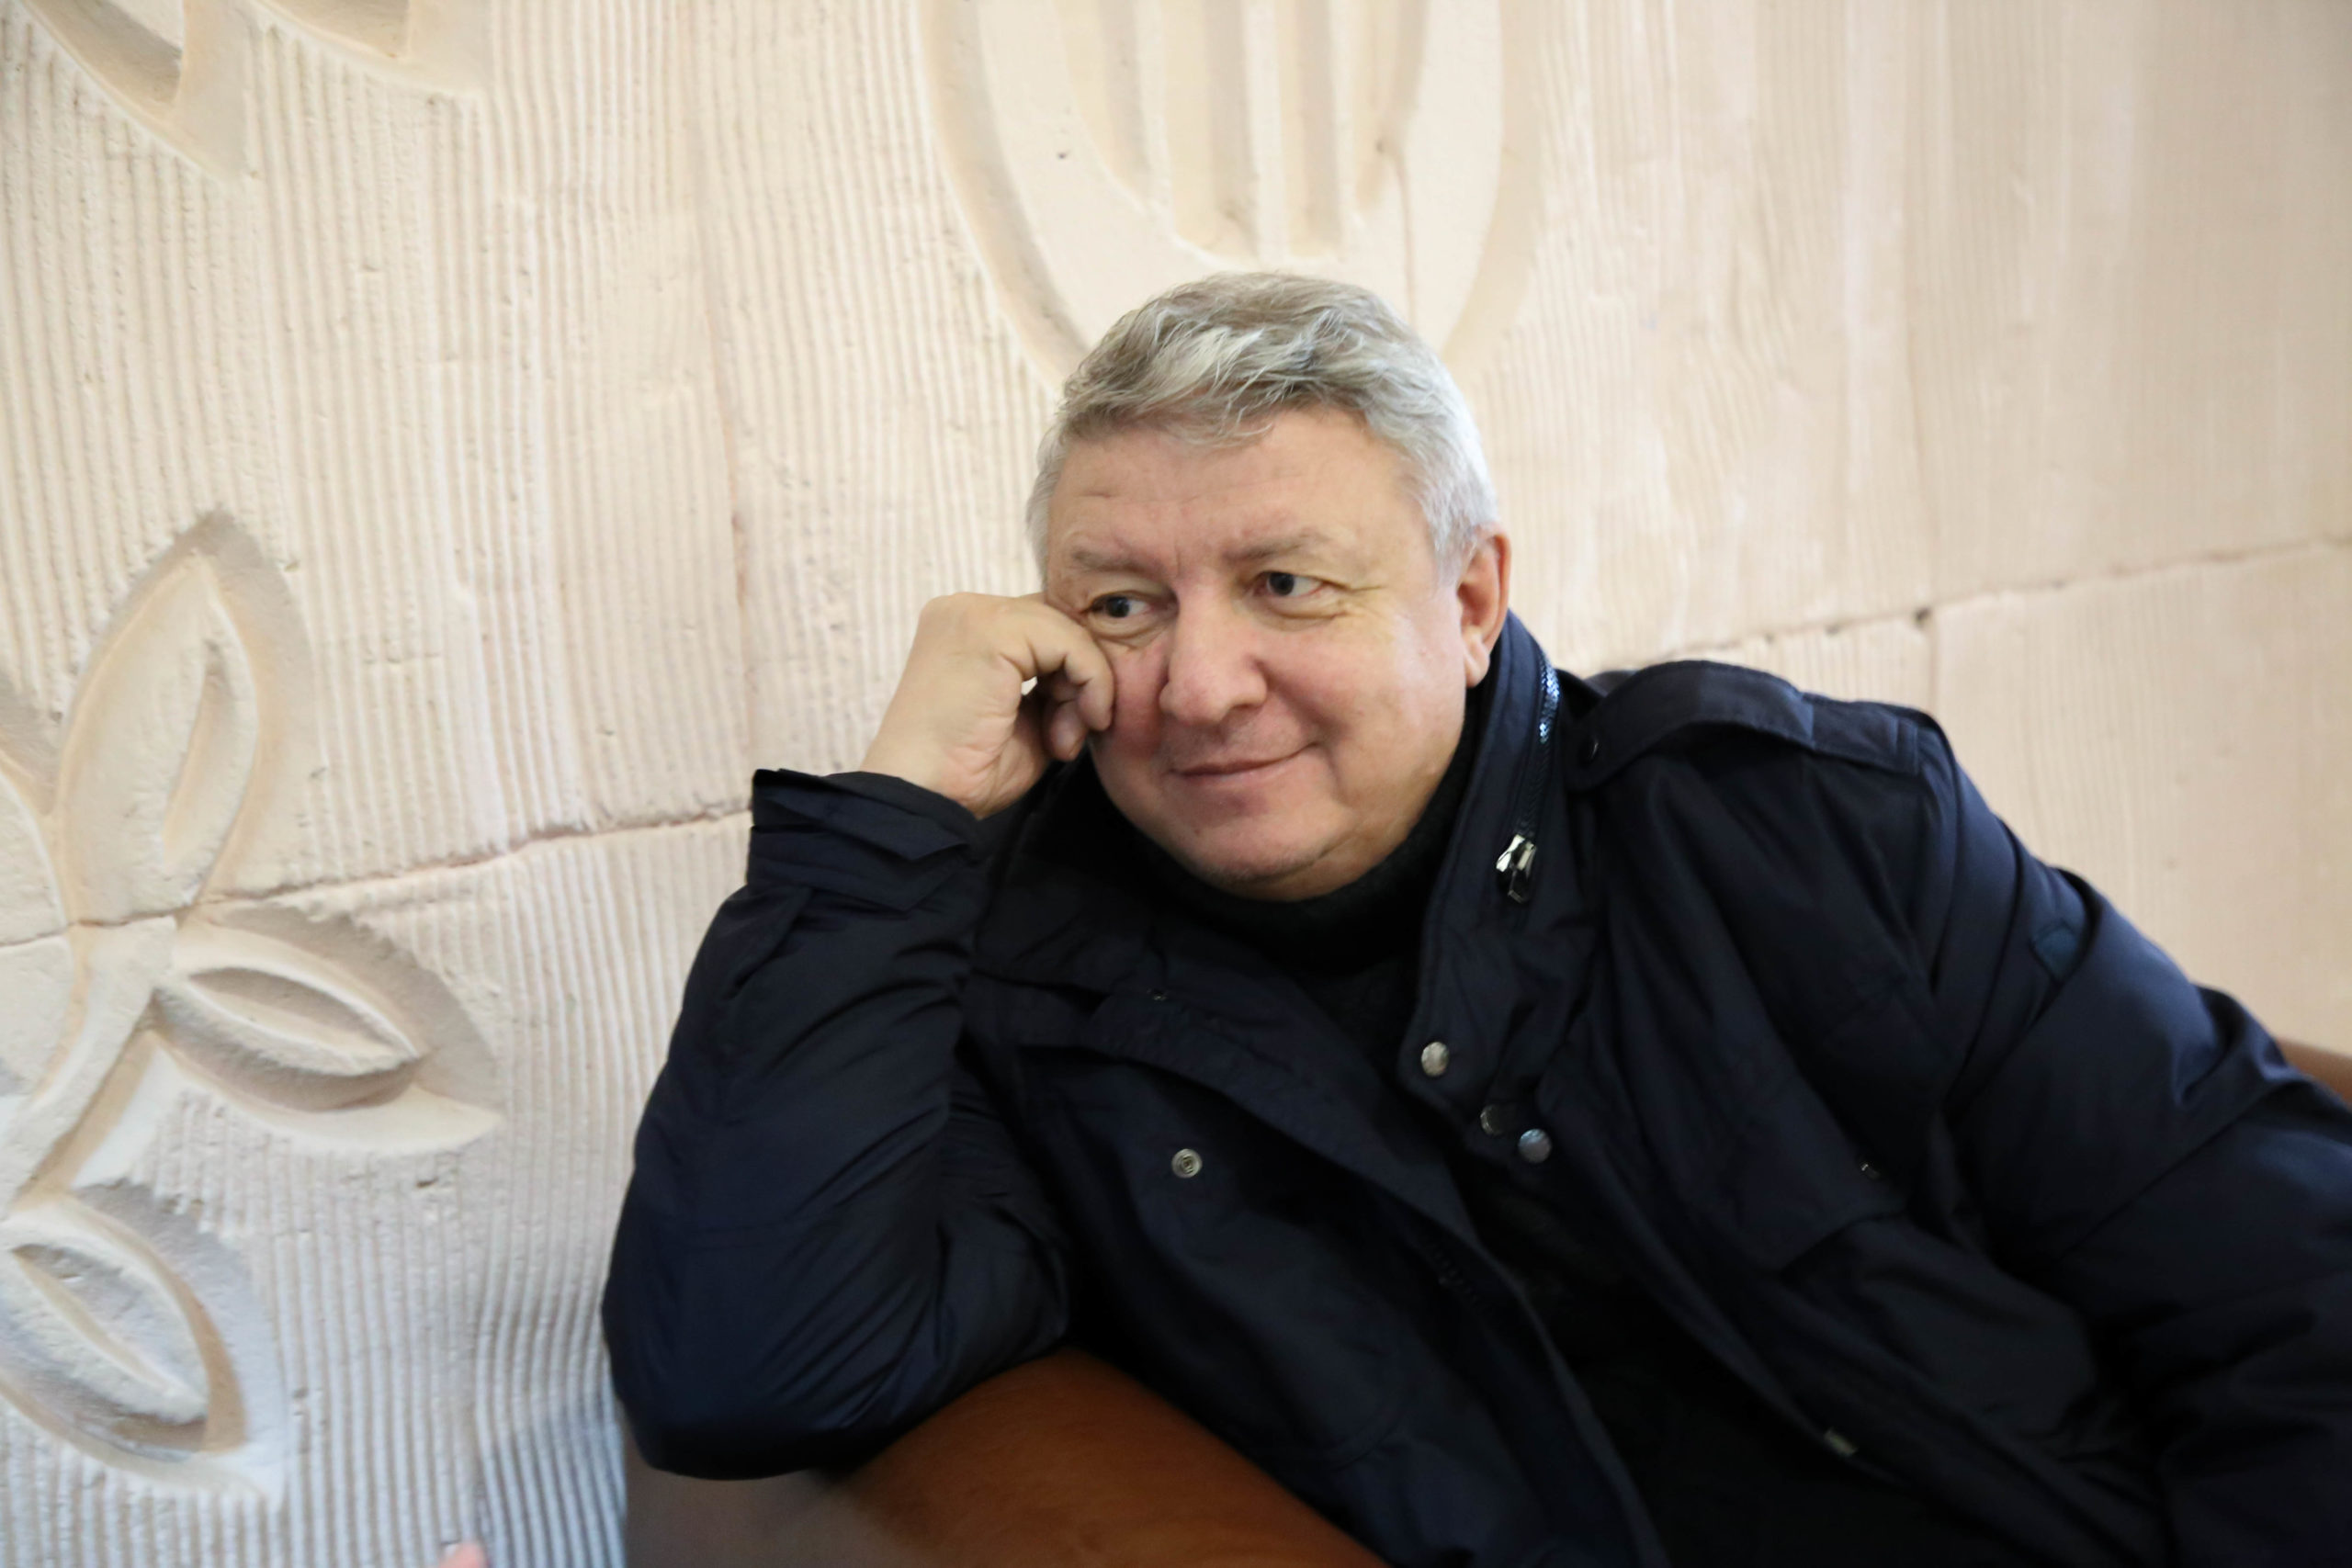 """Адвокат Сергей Беляк рассказал """"Тверьлайф"""", как раскусить любого человека за час"""